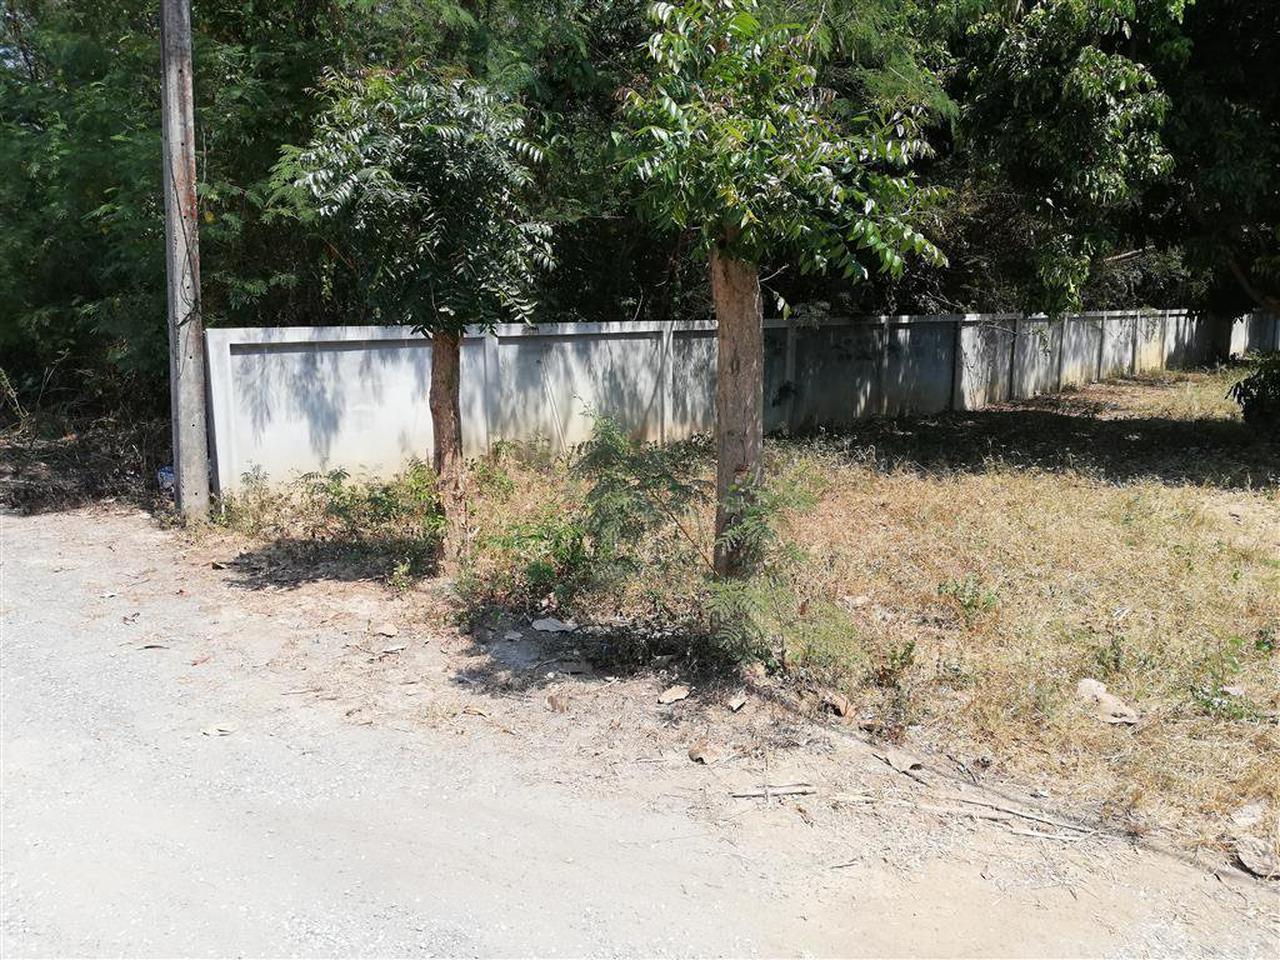 SRP01ขายที่สวน2-2-05.7ไร่ติดทางสาธารณประโยชน์ที่เชื่อมกับถนน รูปที่ 1